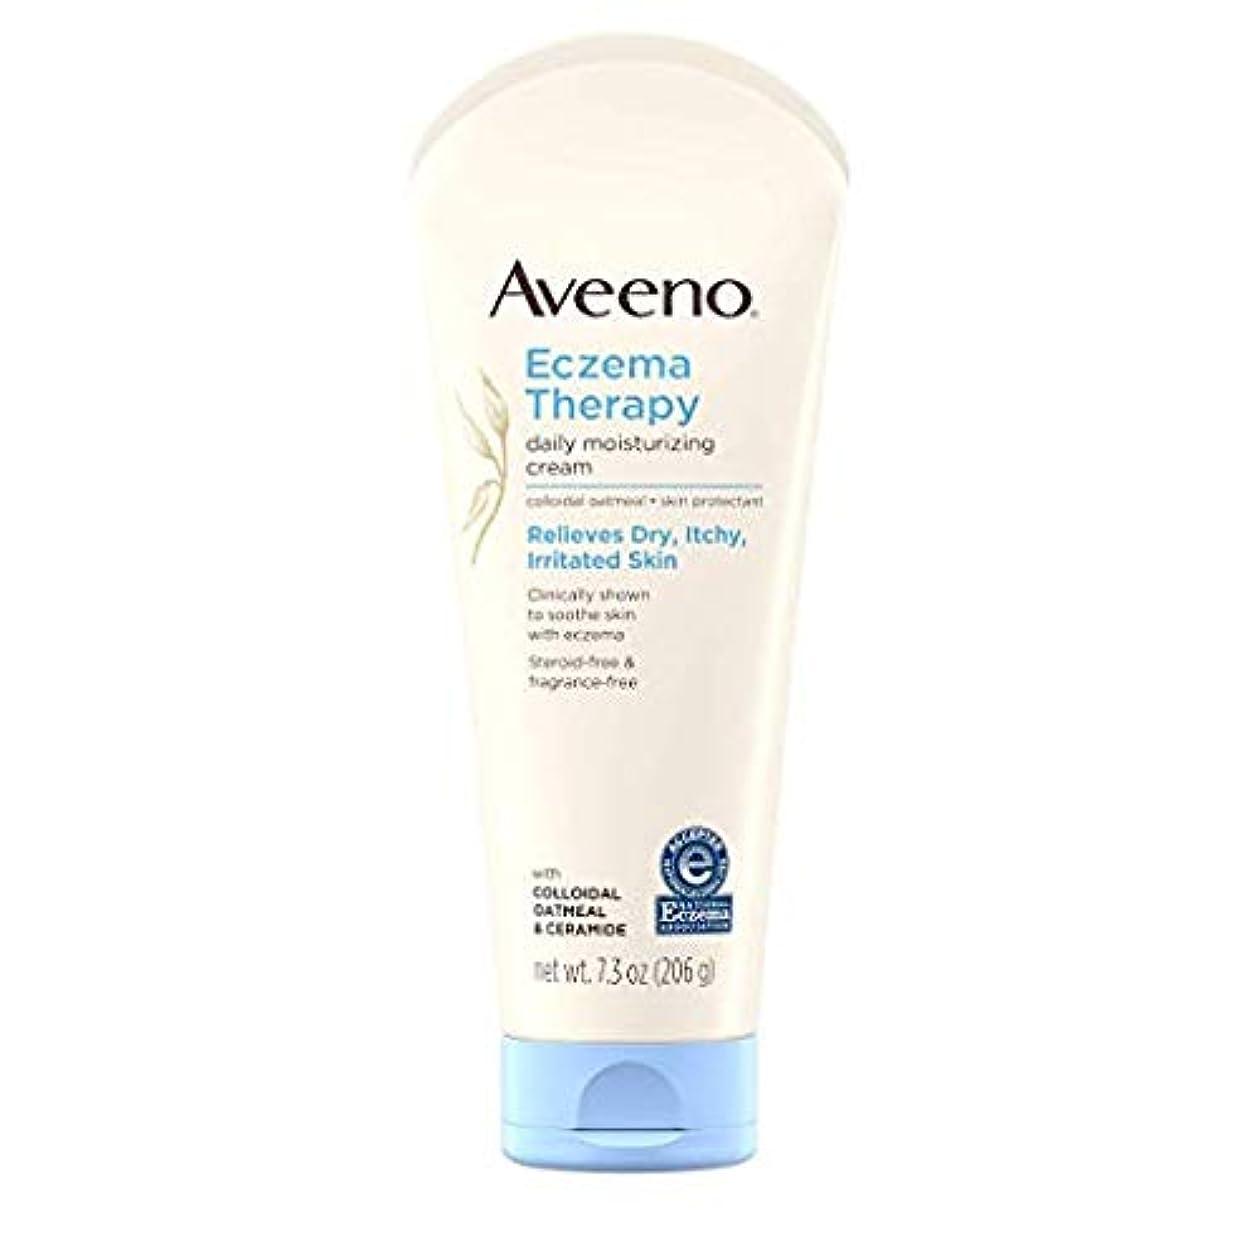 サミュエル生きるさておきAveeno - Eczema Therapy Moisturizing Cream - 7.3 oz (206 g) アビーノ 保湿クリーム [並行輸入品]